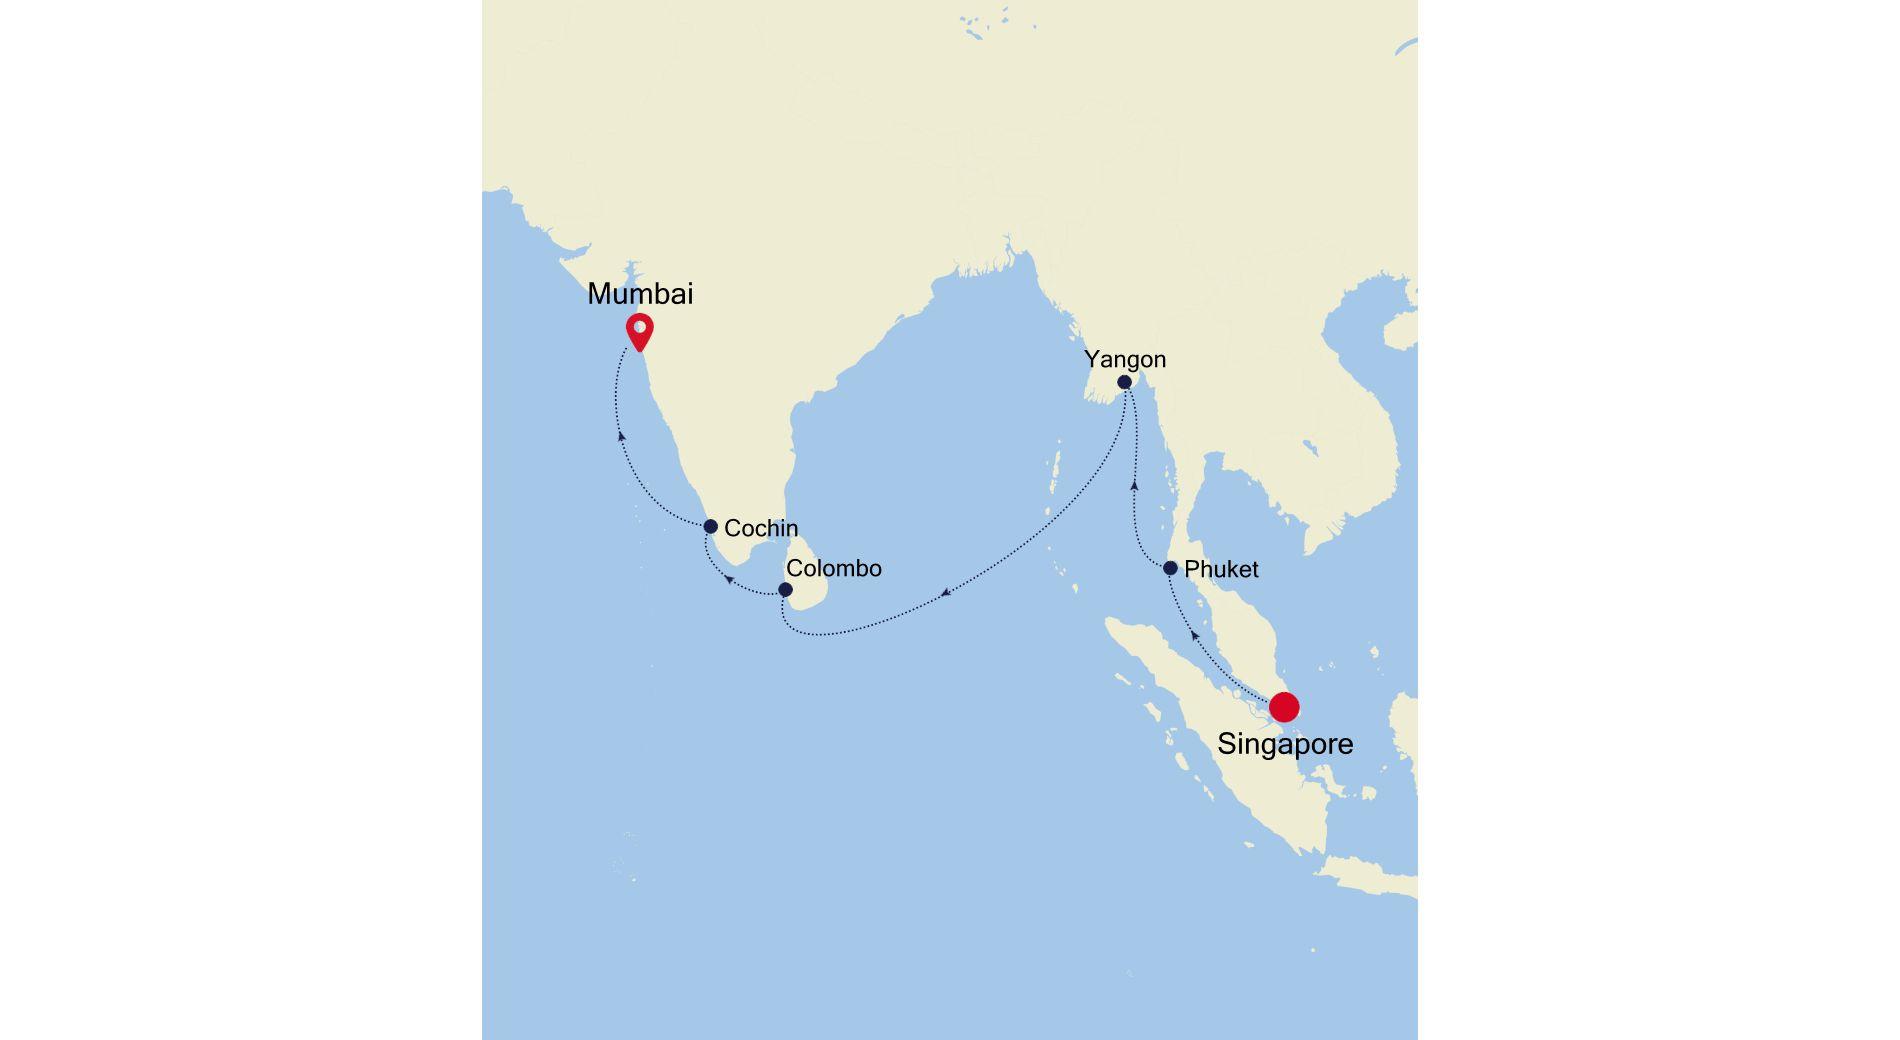 5005 - Singapore nach Mumbai